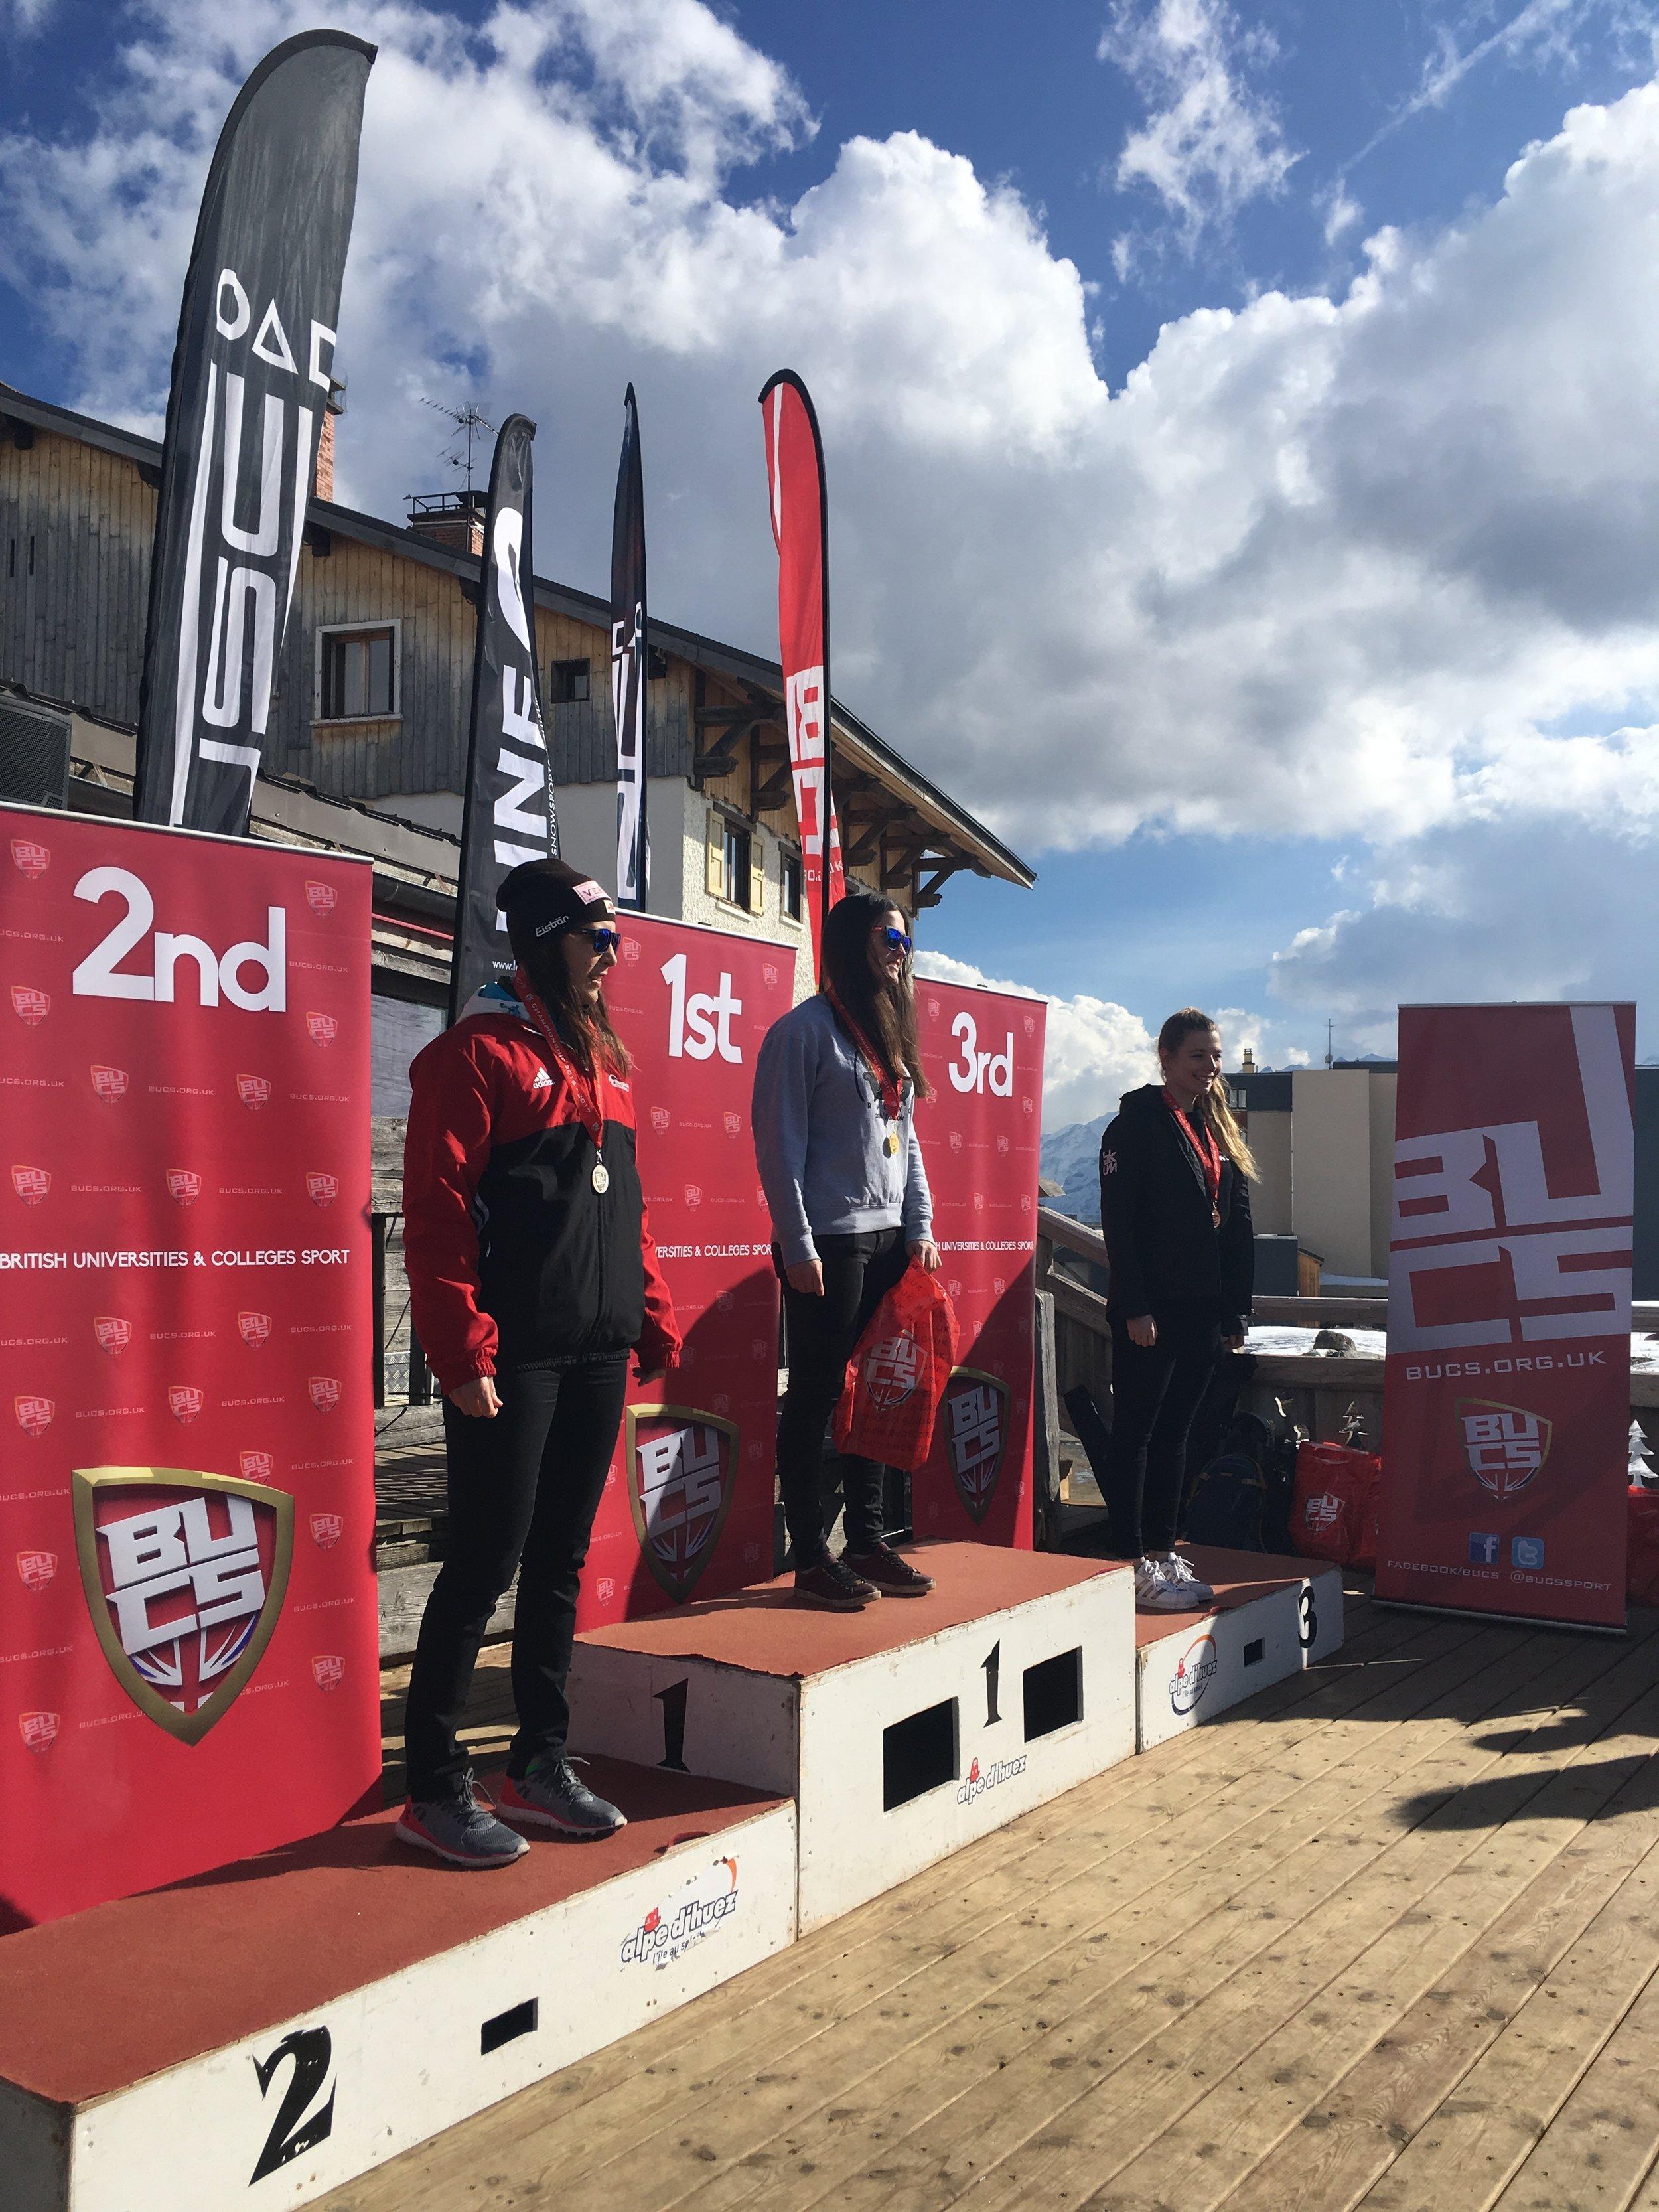 The winners of the Women's Slalom